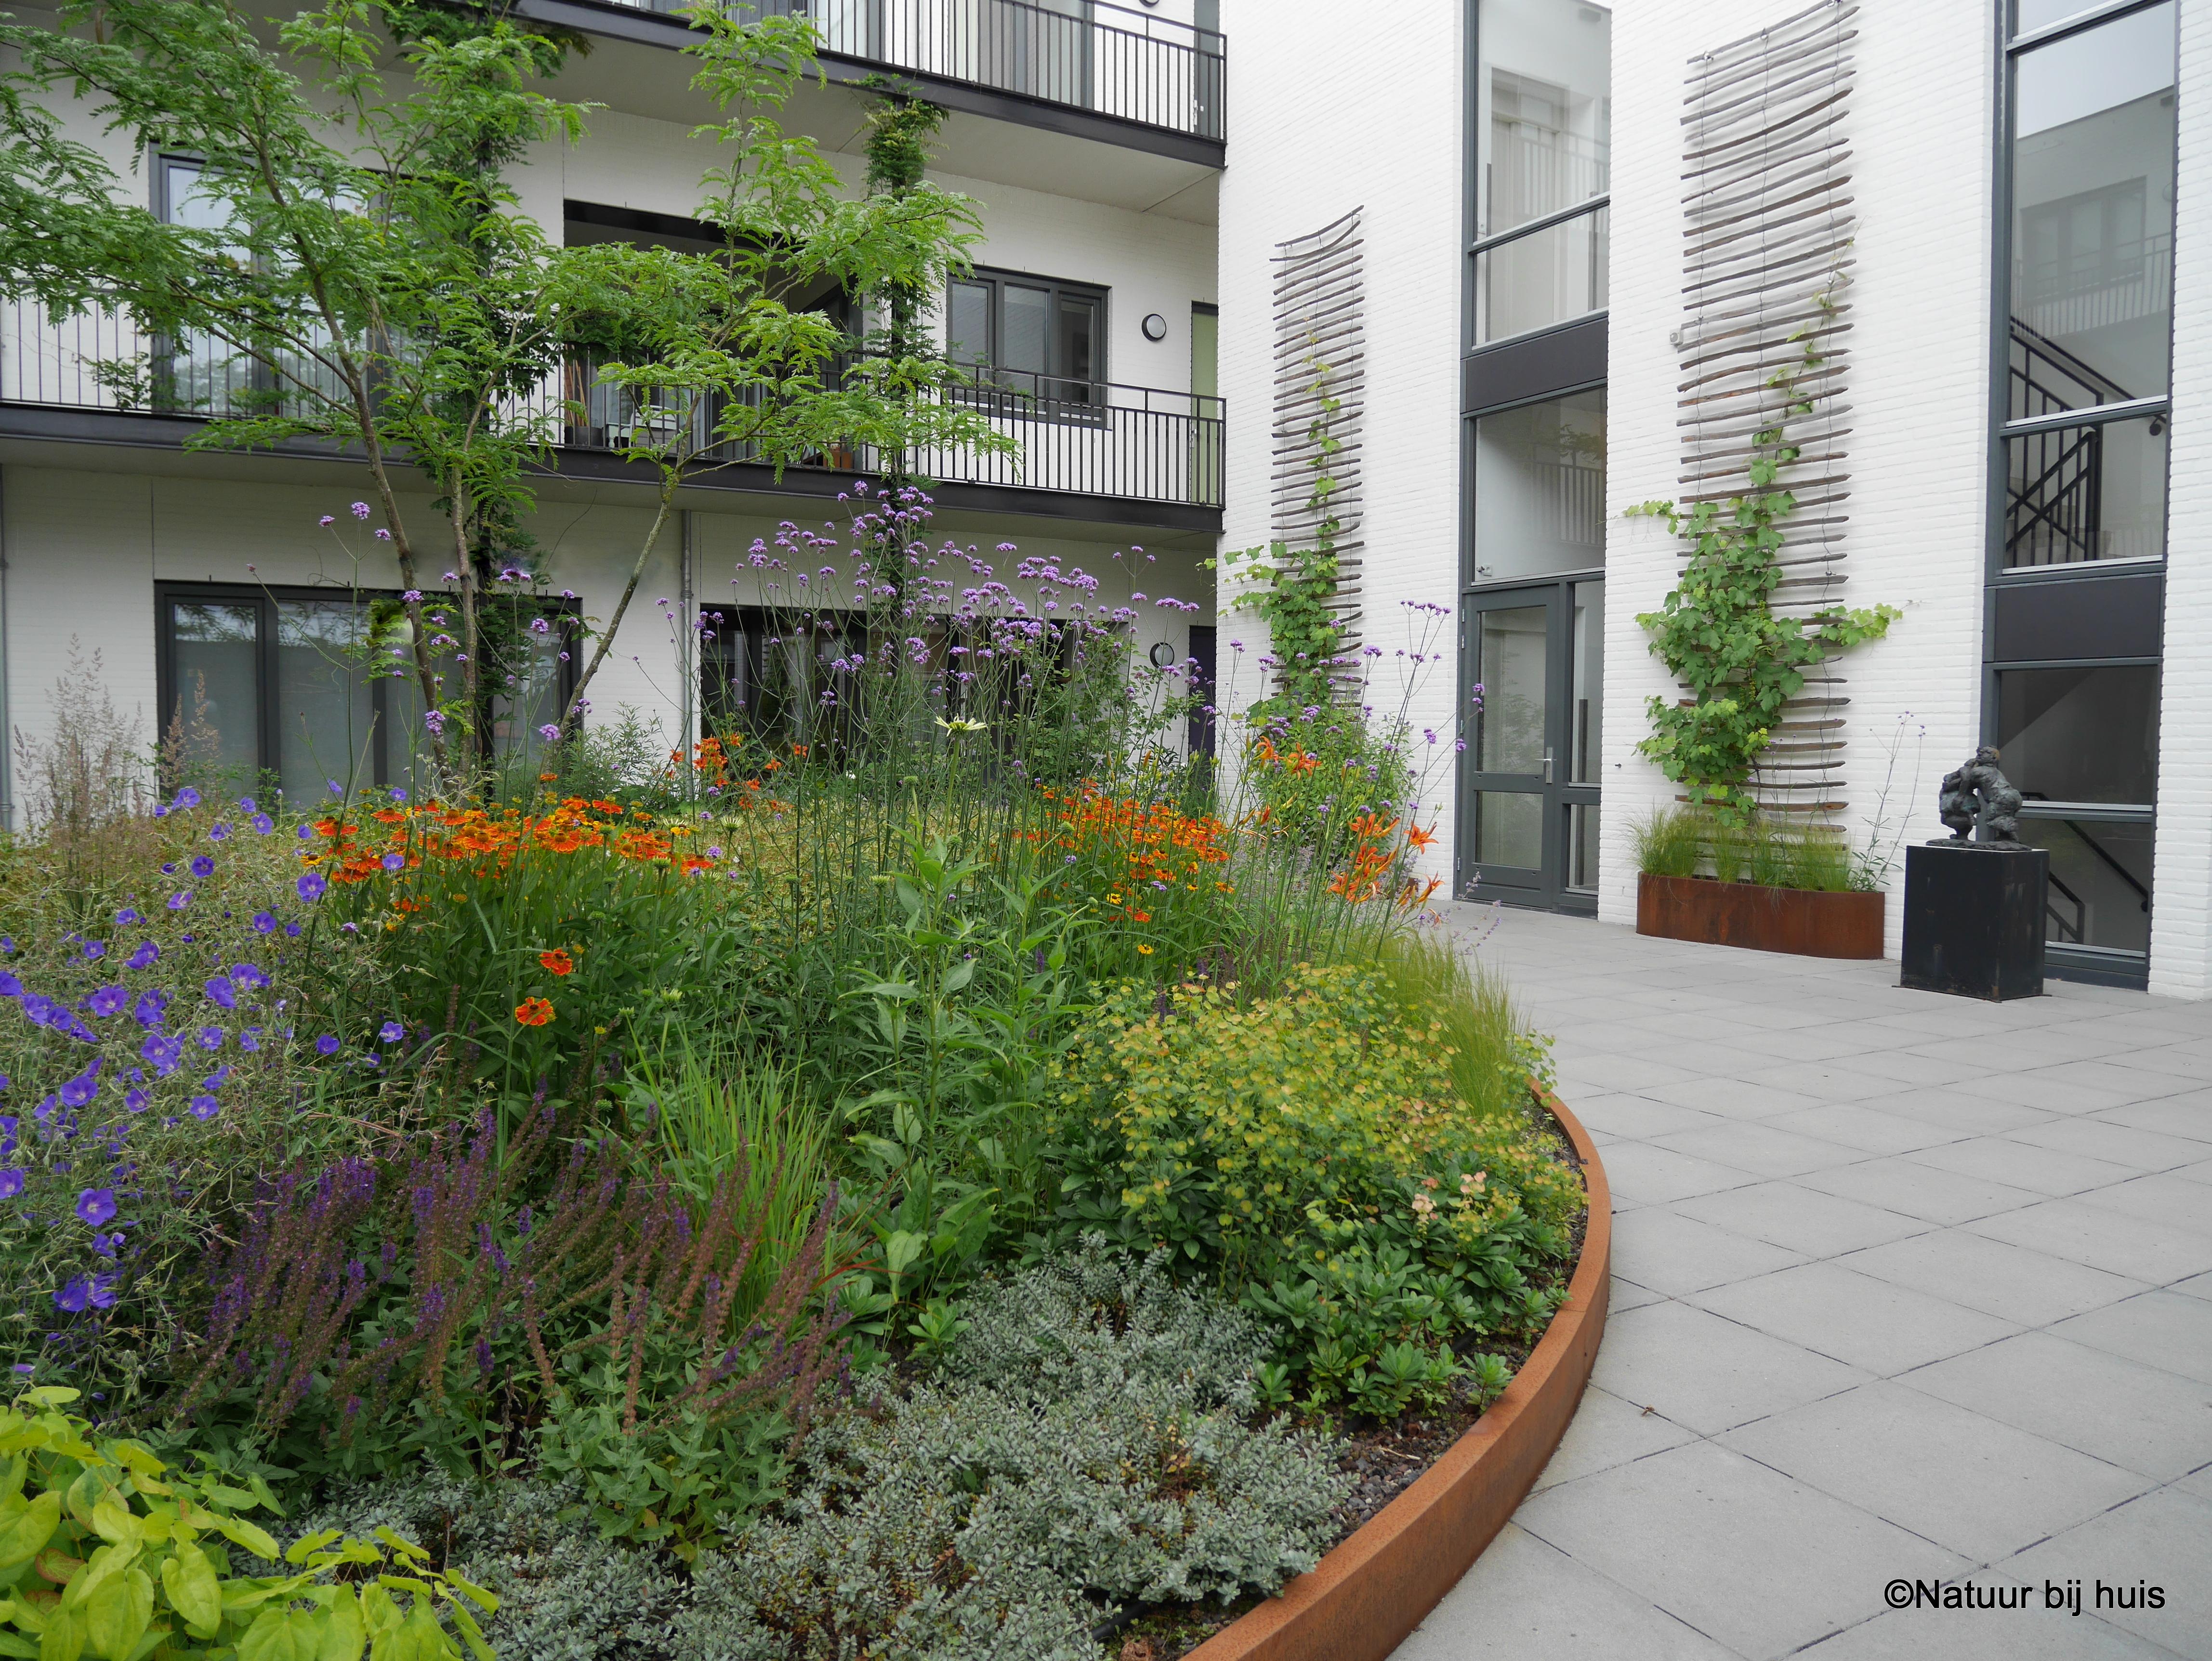 voorbeeld tuinontwerp natuur bij huis de schrijver eindhoven daktuin binnentuin ontworpen door natuur bij huis